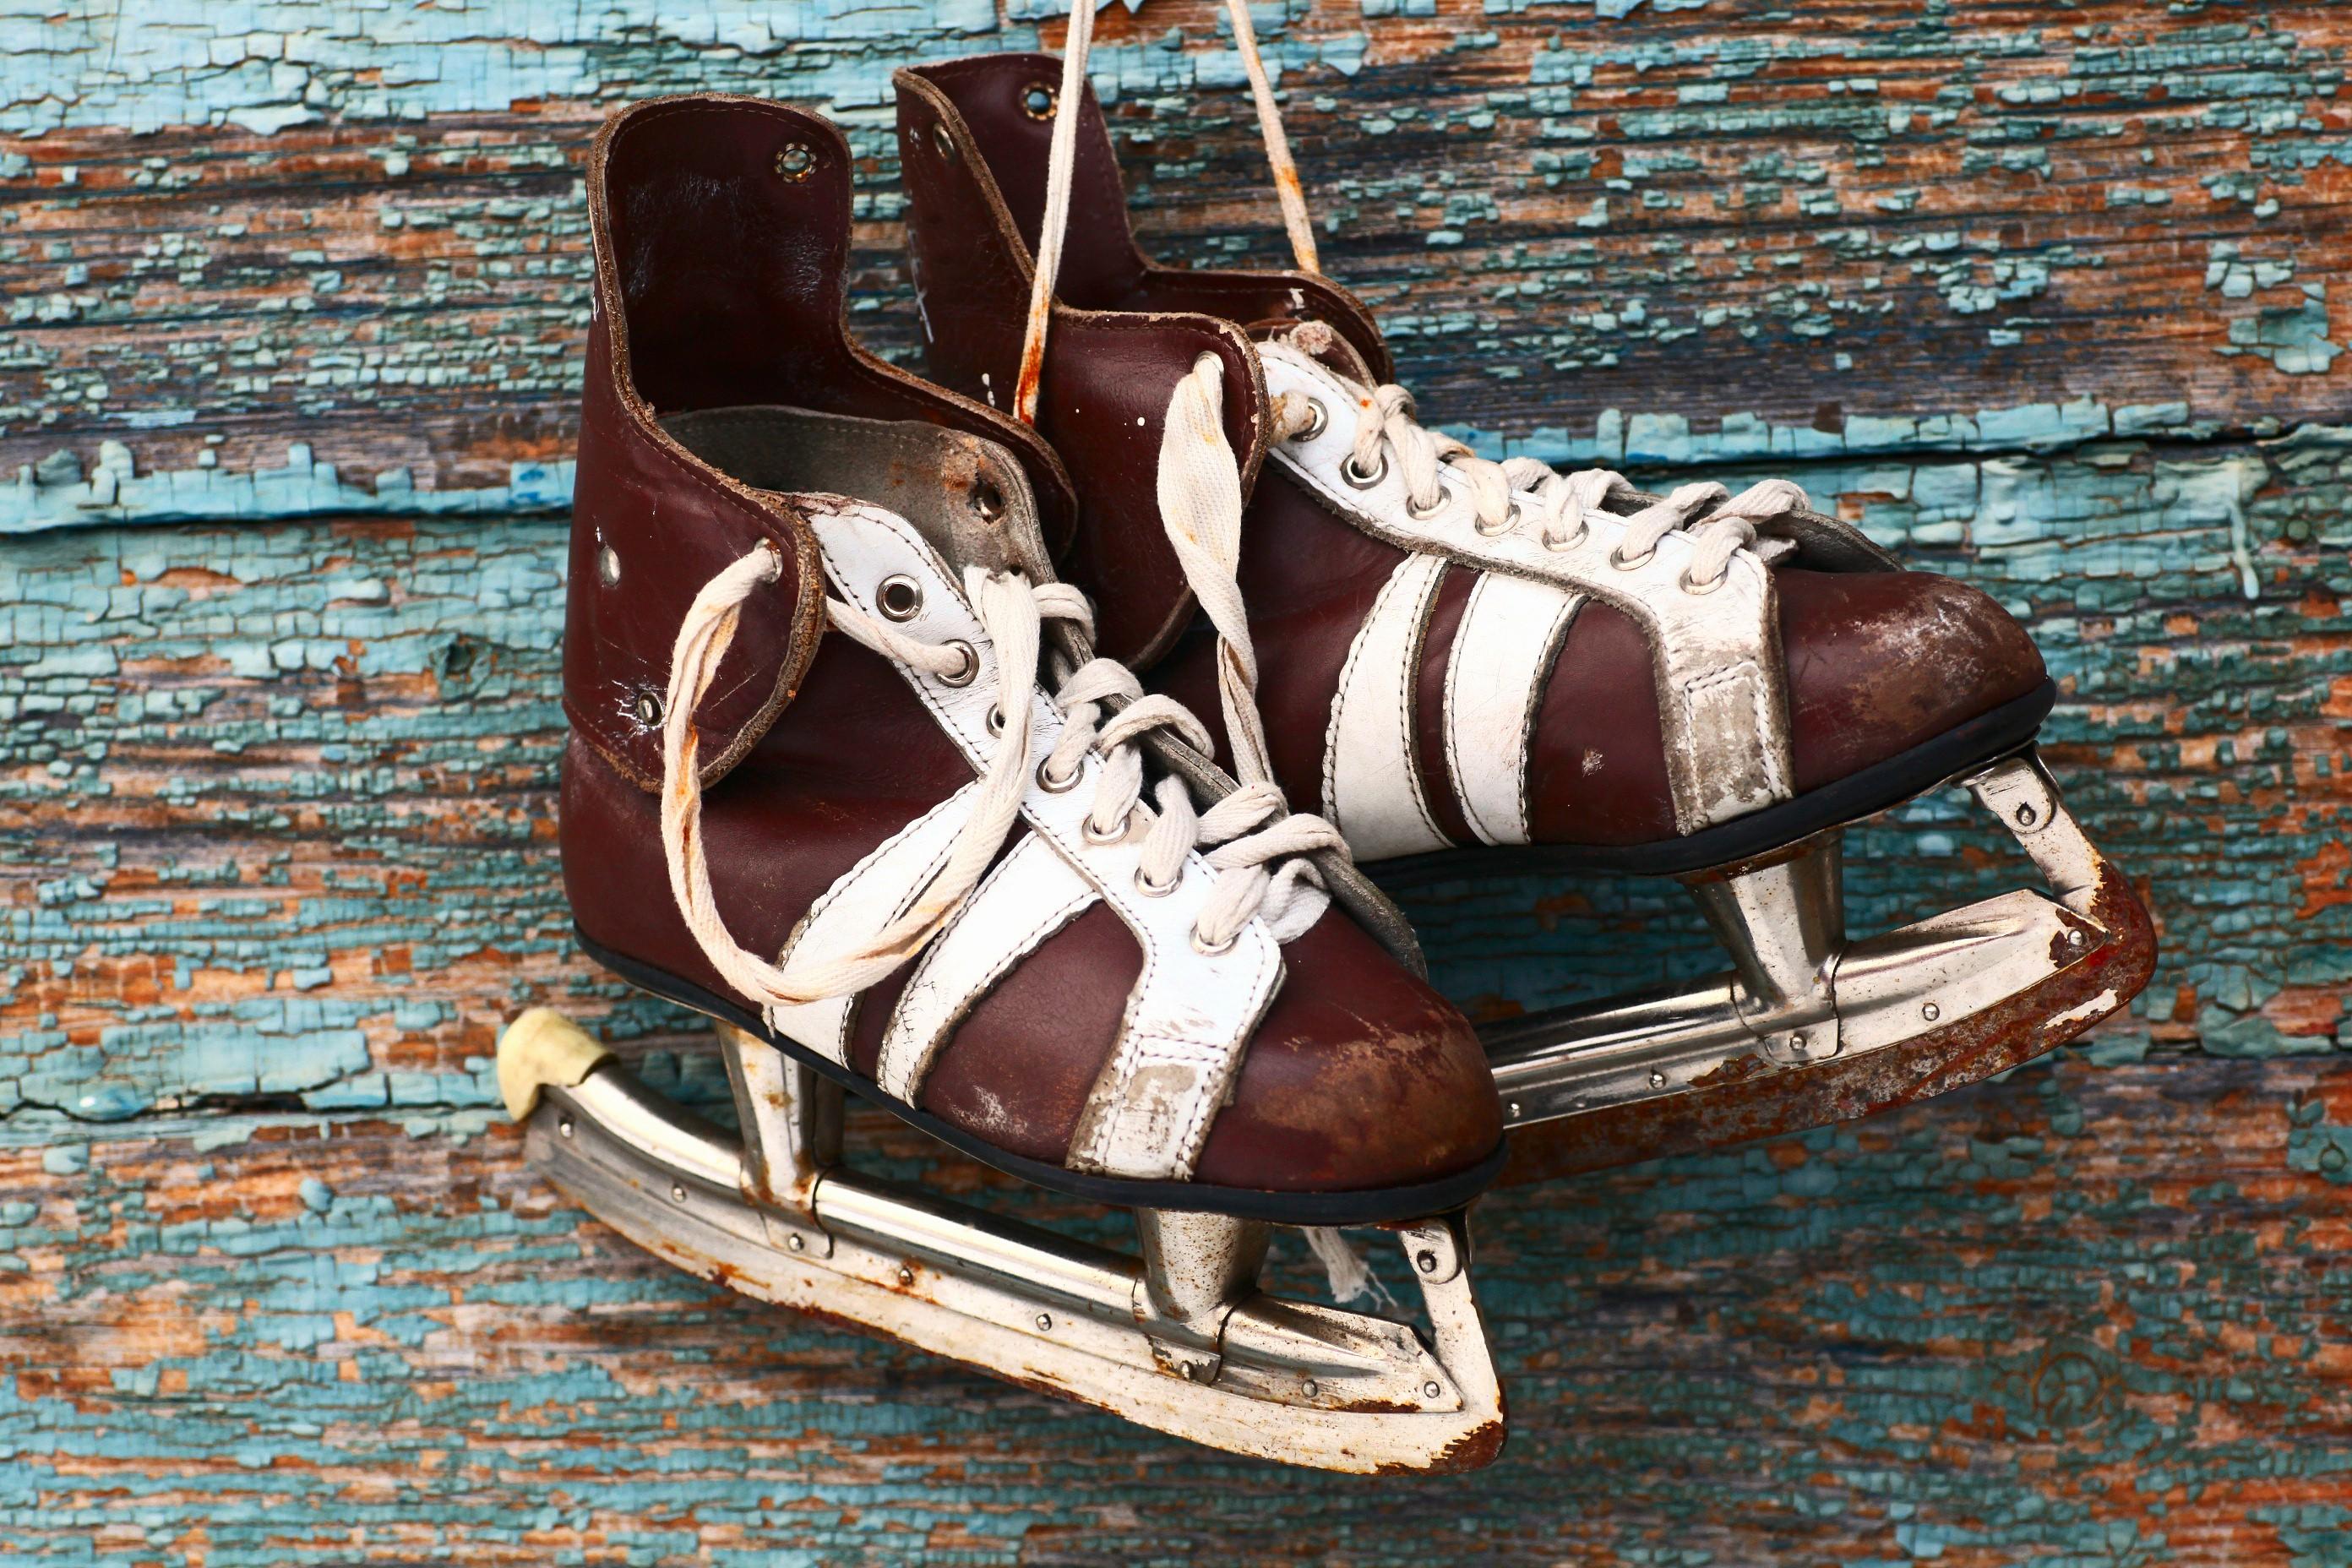 картинки с коньками на гвозде явлений